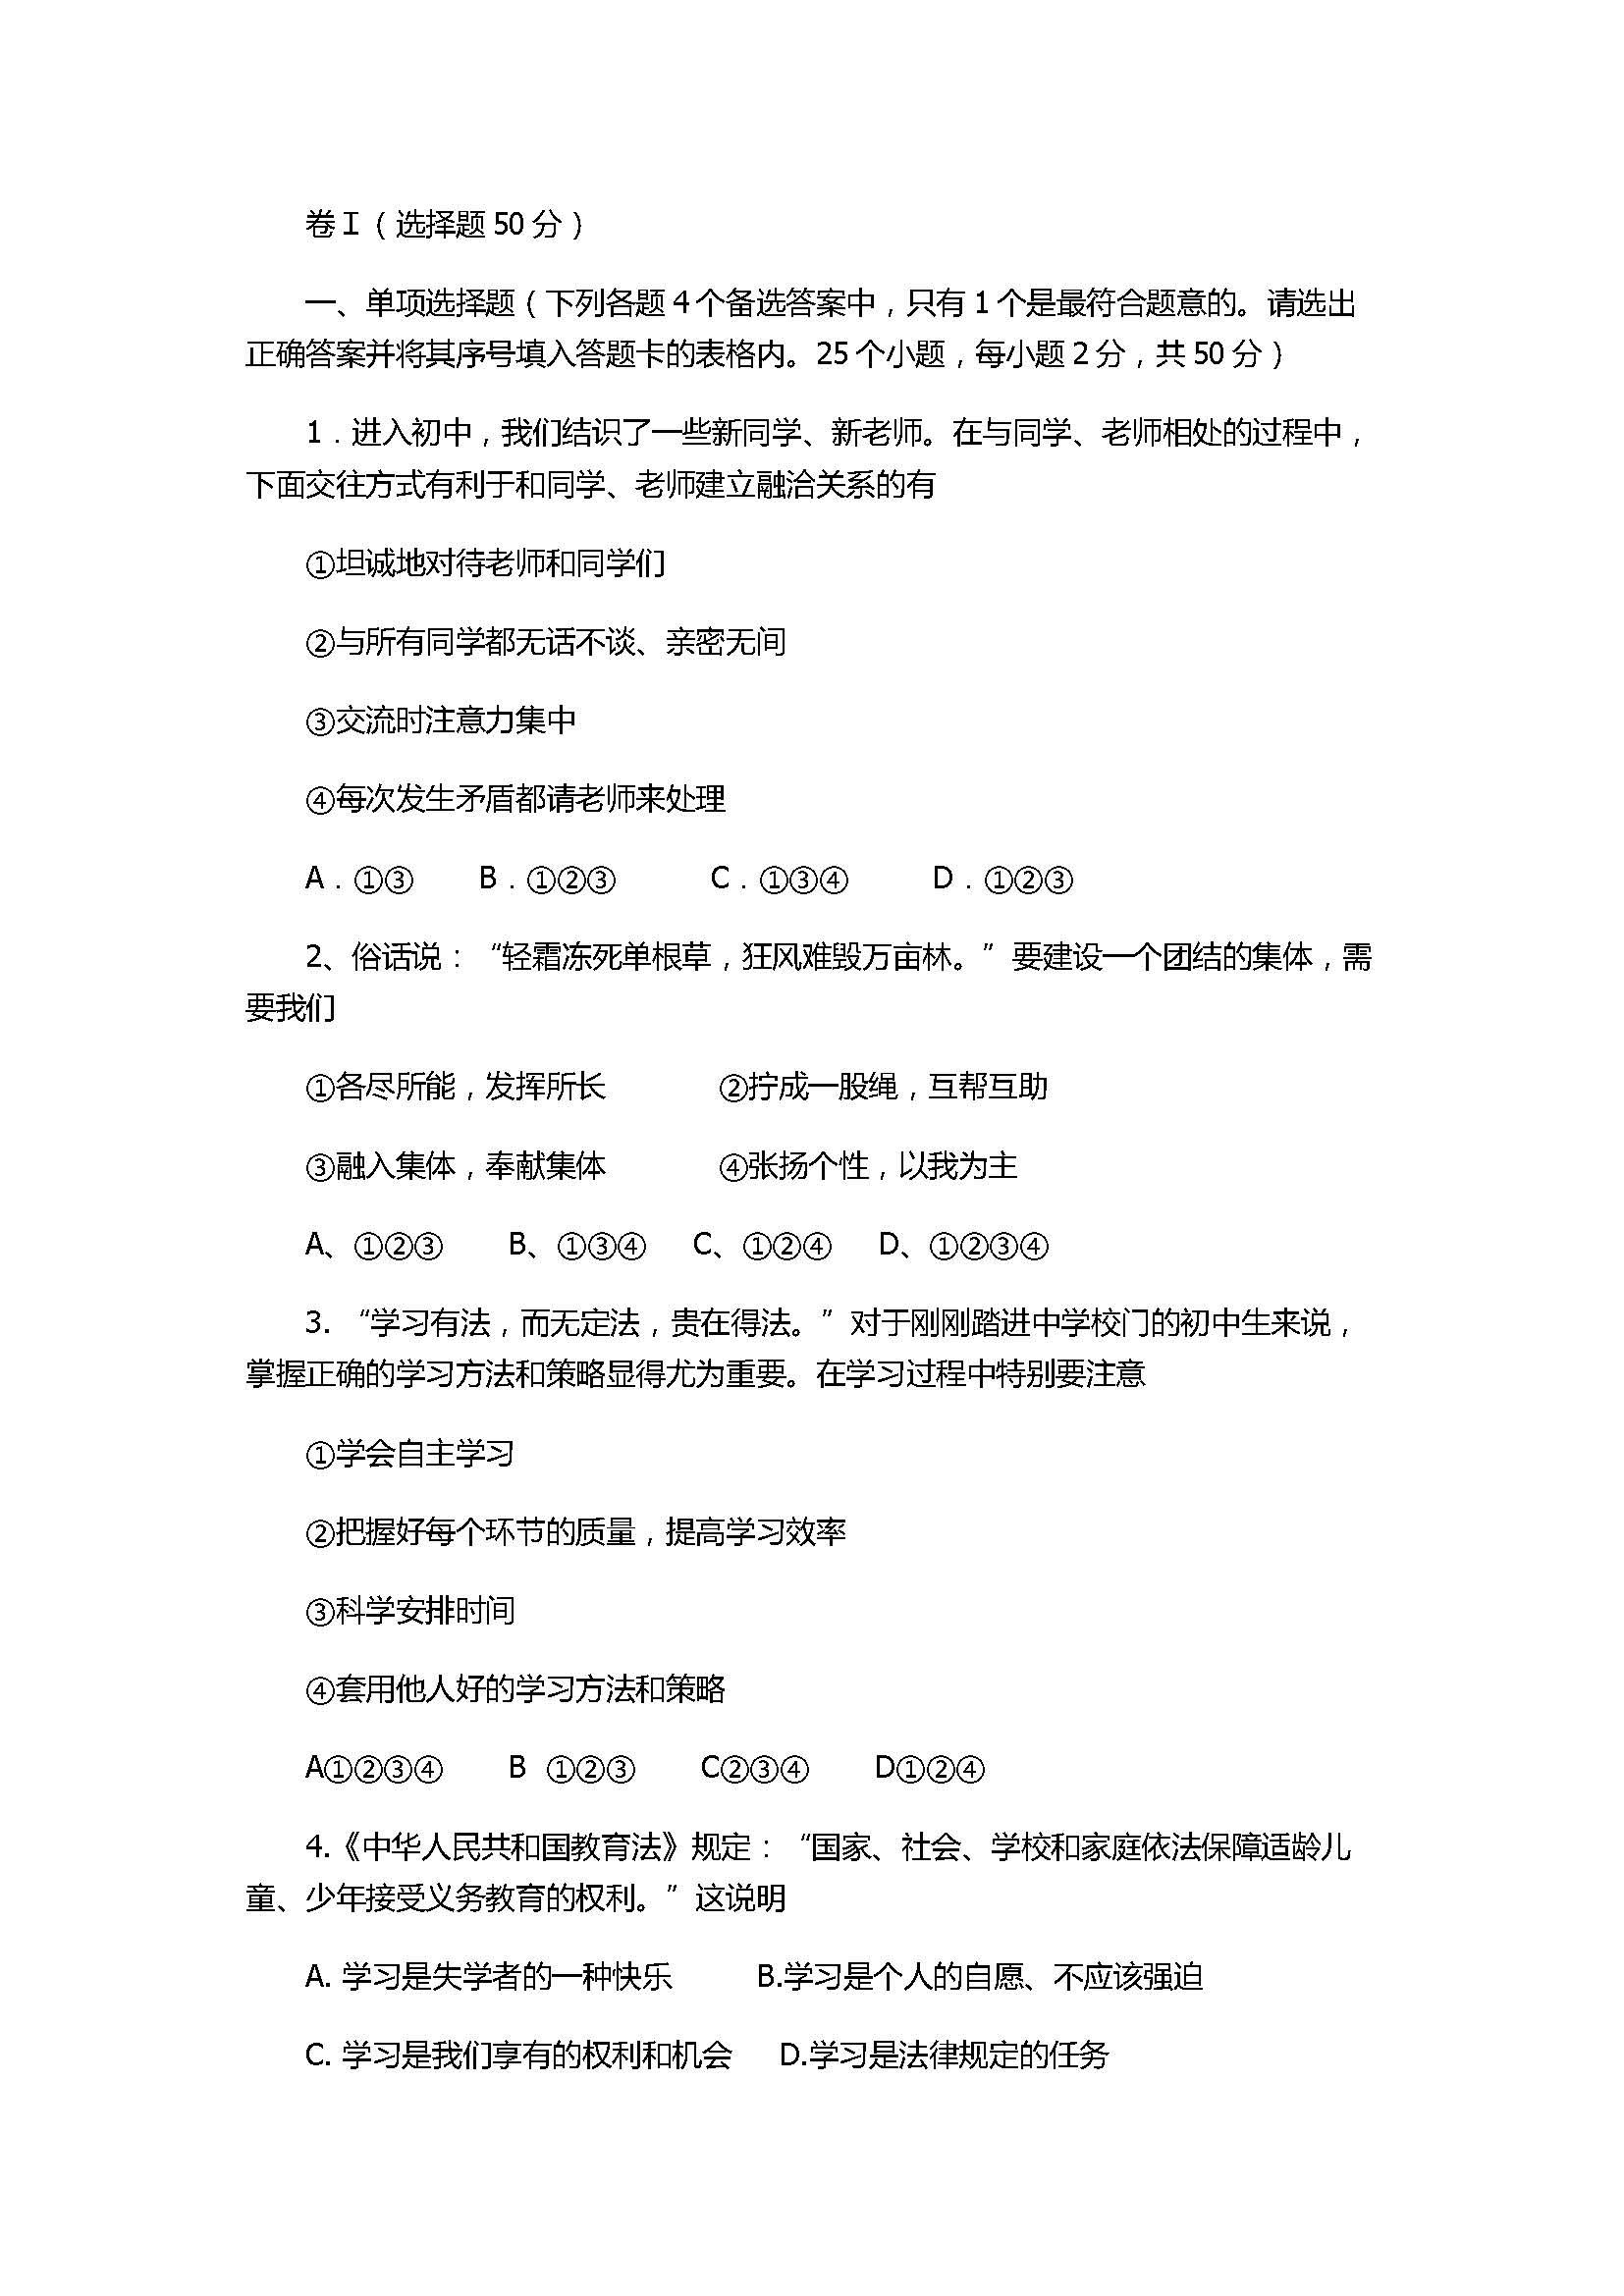 2017七年级政治期末试题附参考答案(宁城县)